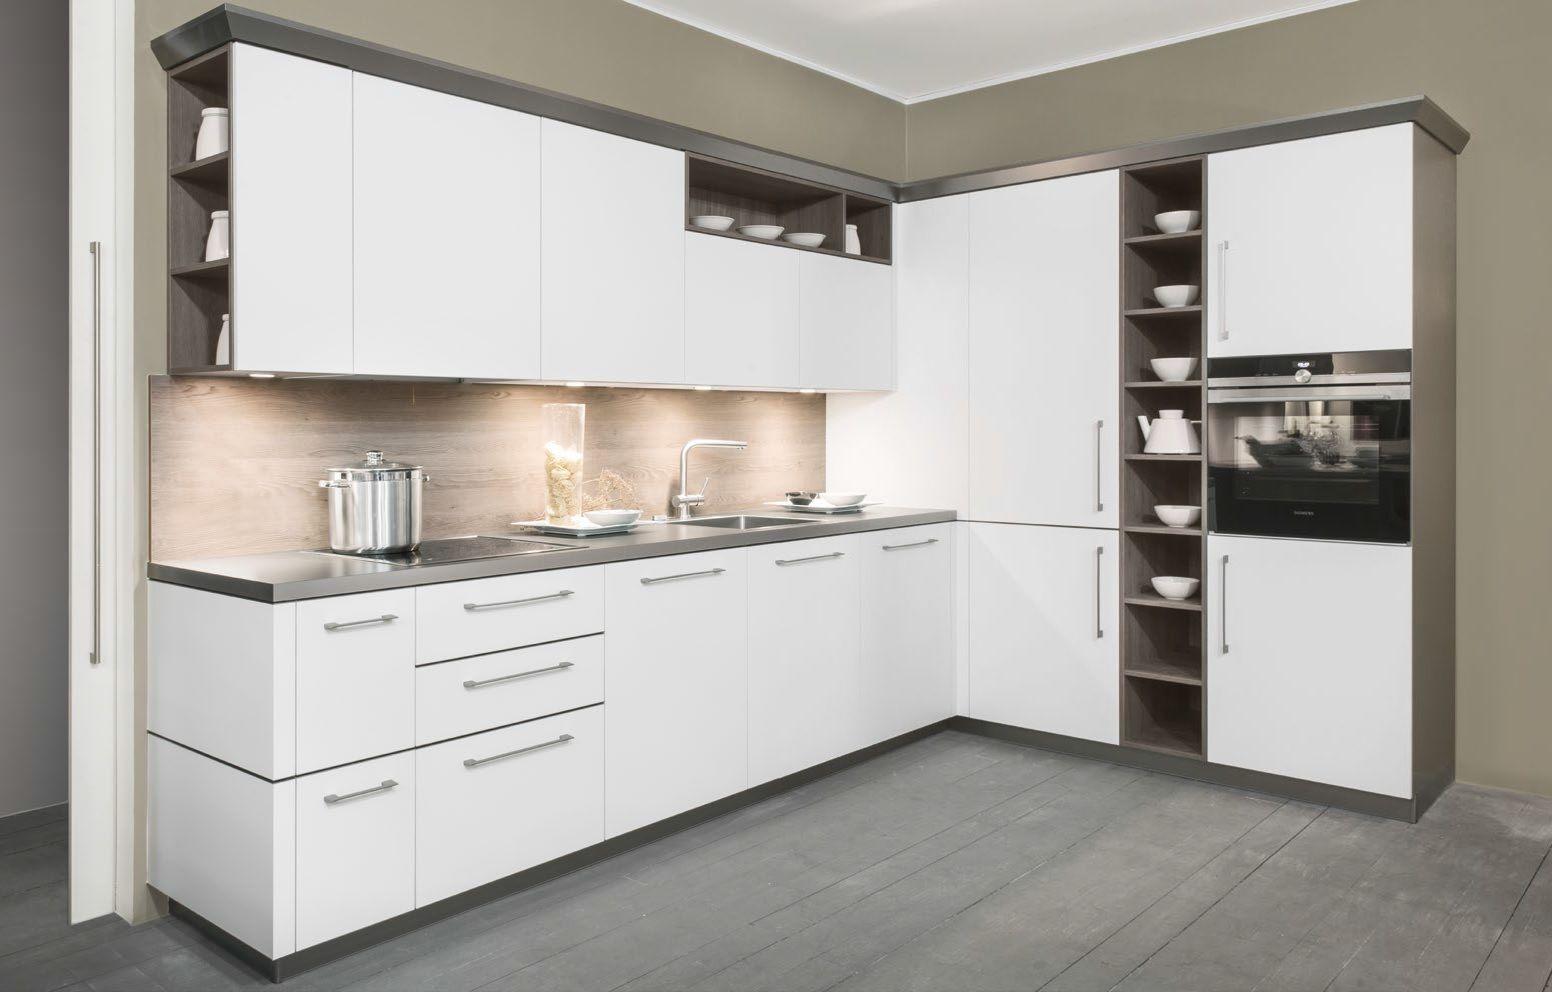 Hoek Keuken Modellen : Trend witte hoekkeuken keuken ideeen thea display